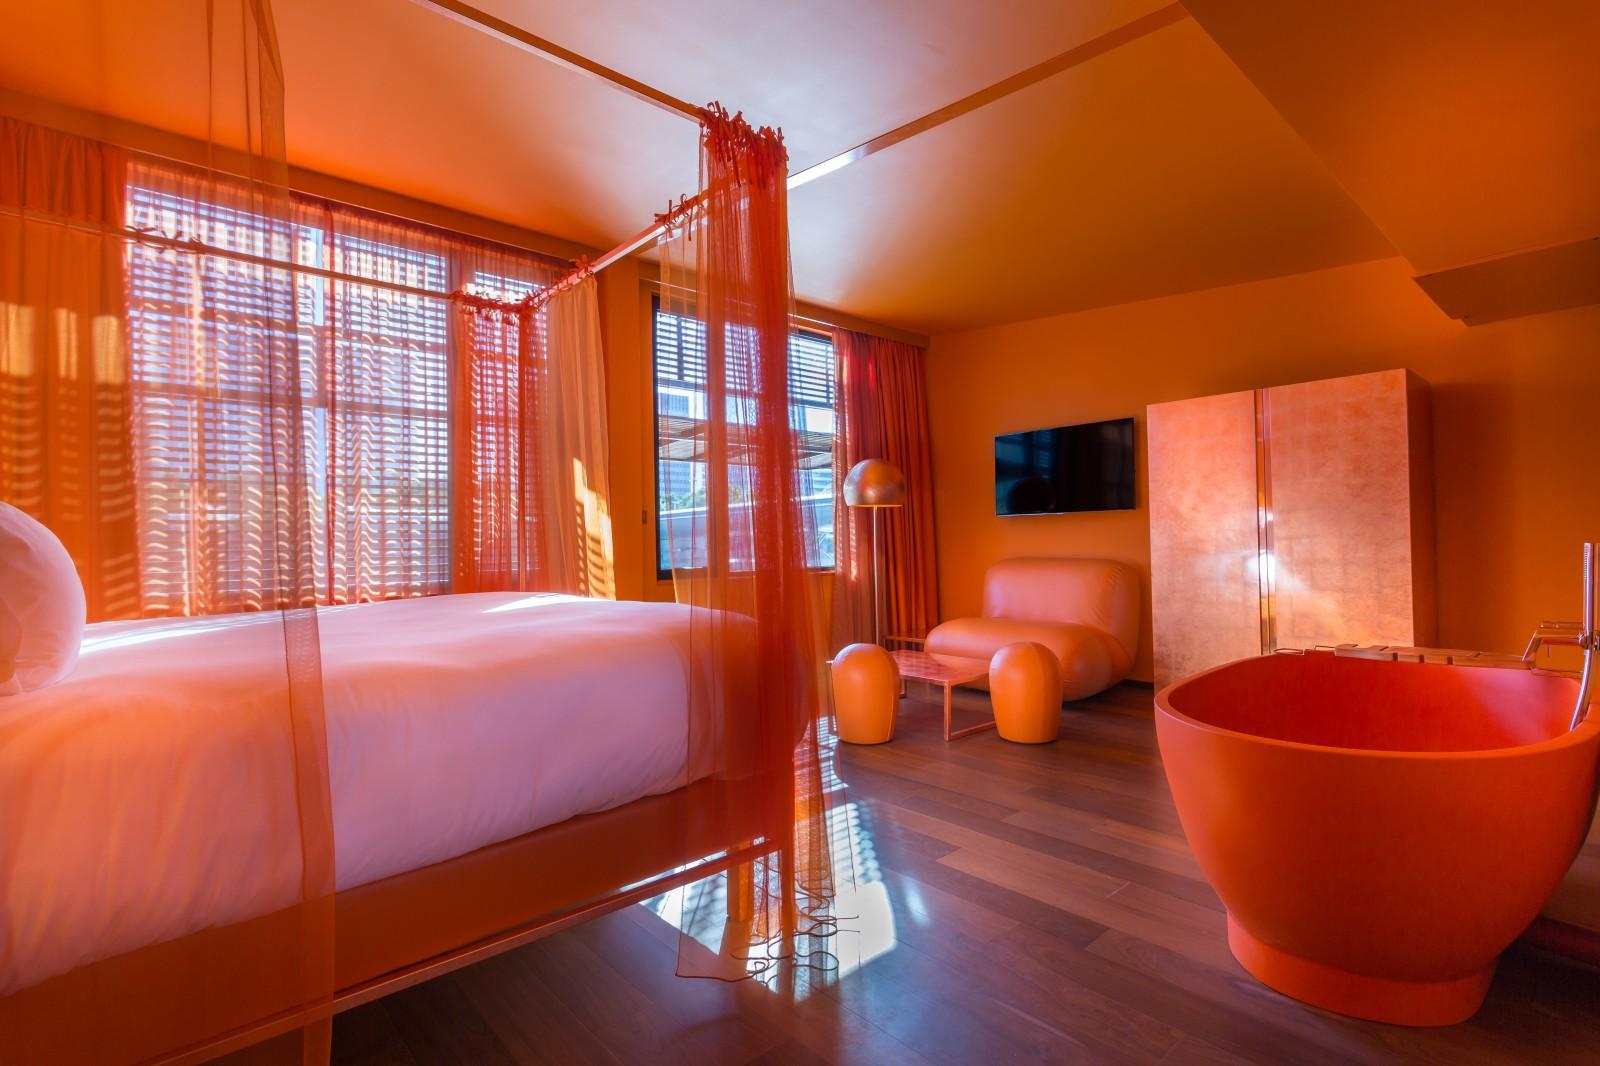 Chambre suite orange Paris hôtel OFF seine